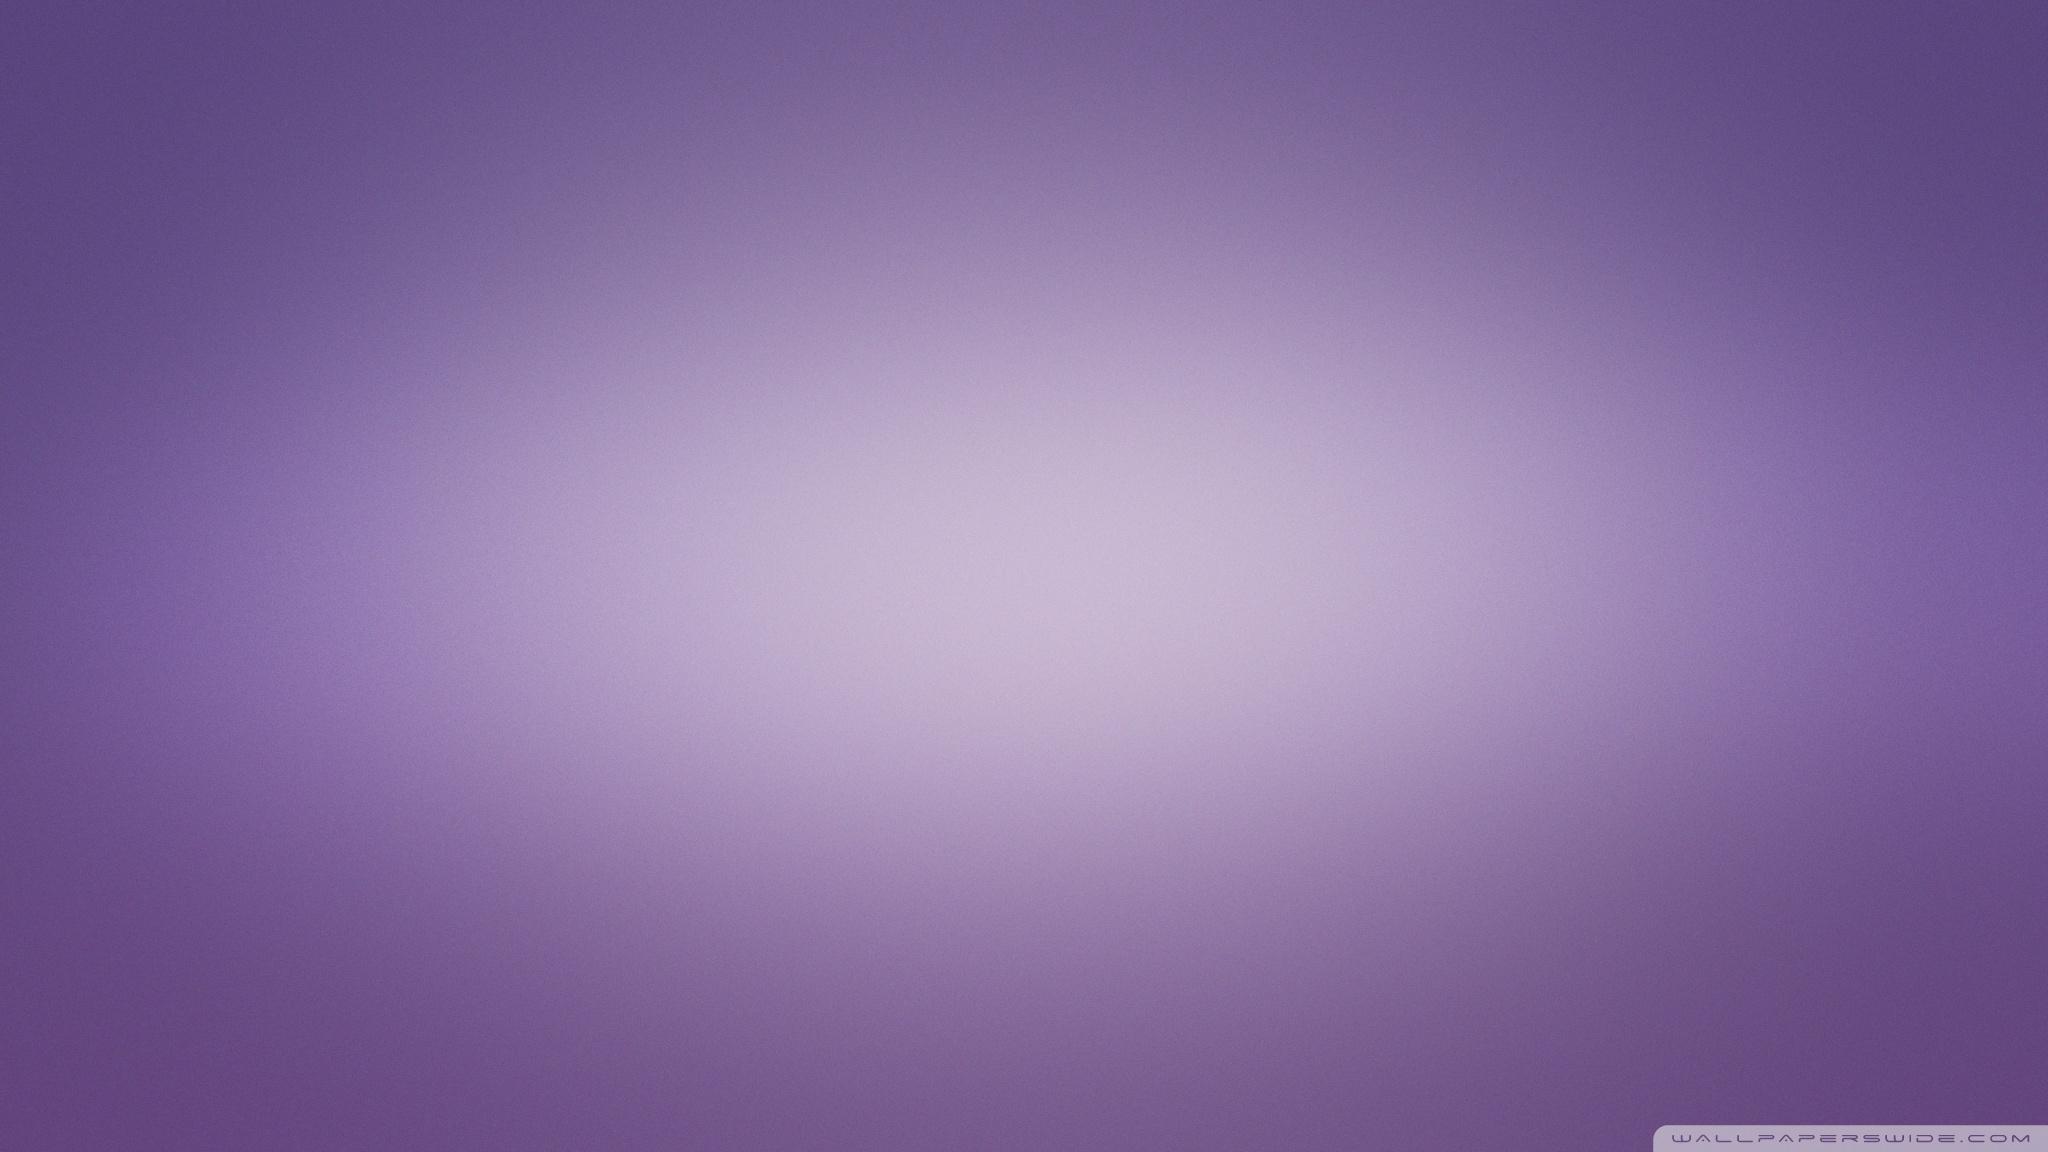 Cool 3d Ipad Wallpapers Purple 4k Hd Desktop Wallpaper For 4k Ultra Hd Tv Tablet